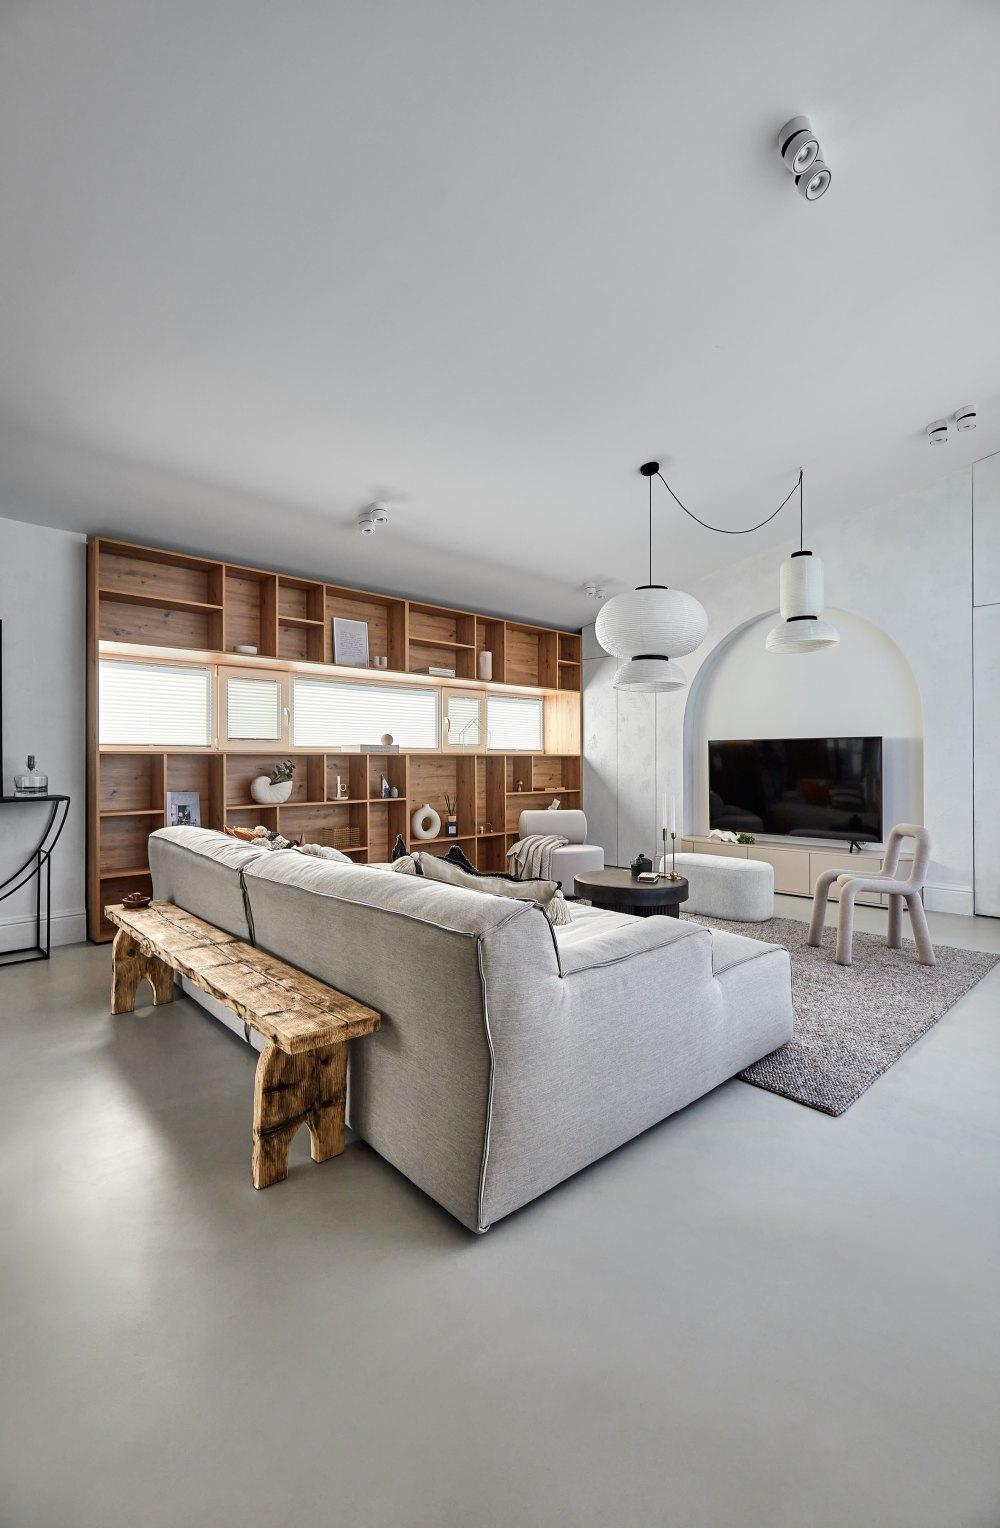 罗马尼亚美学平衡公寓(2021)Ralu Dofin_vsszan14416281438413.jpg